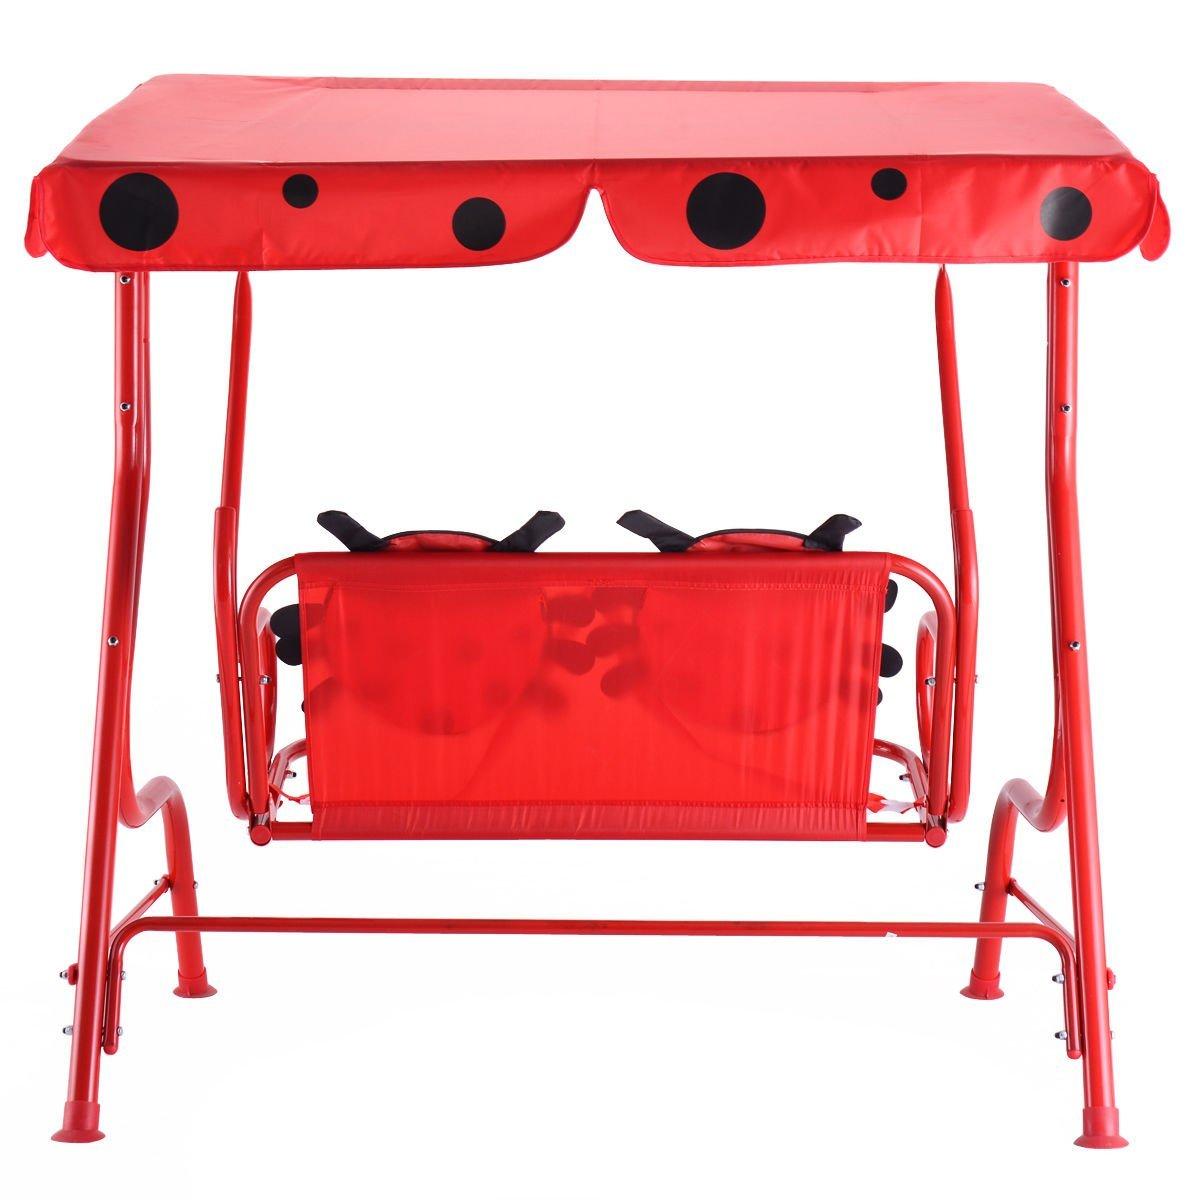 e0d14a3578377 ... Detská záhradná hojdačka Ladybird - červená ...